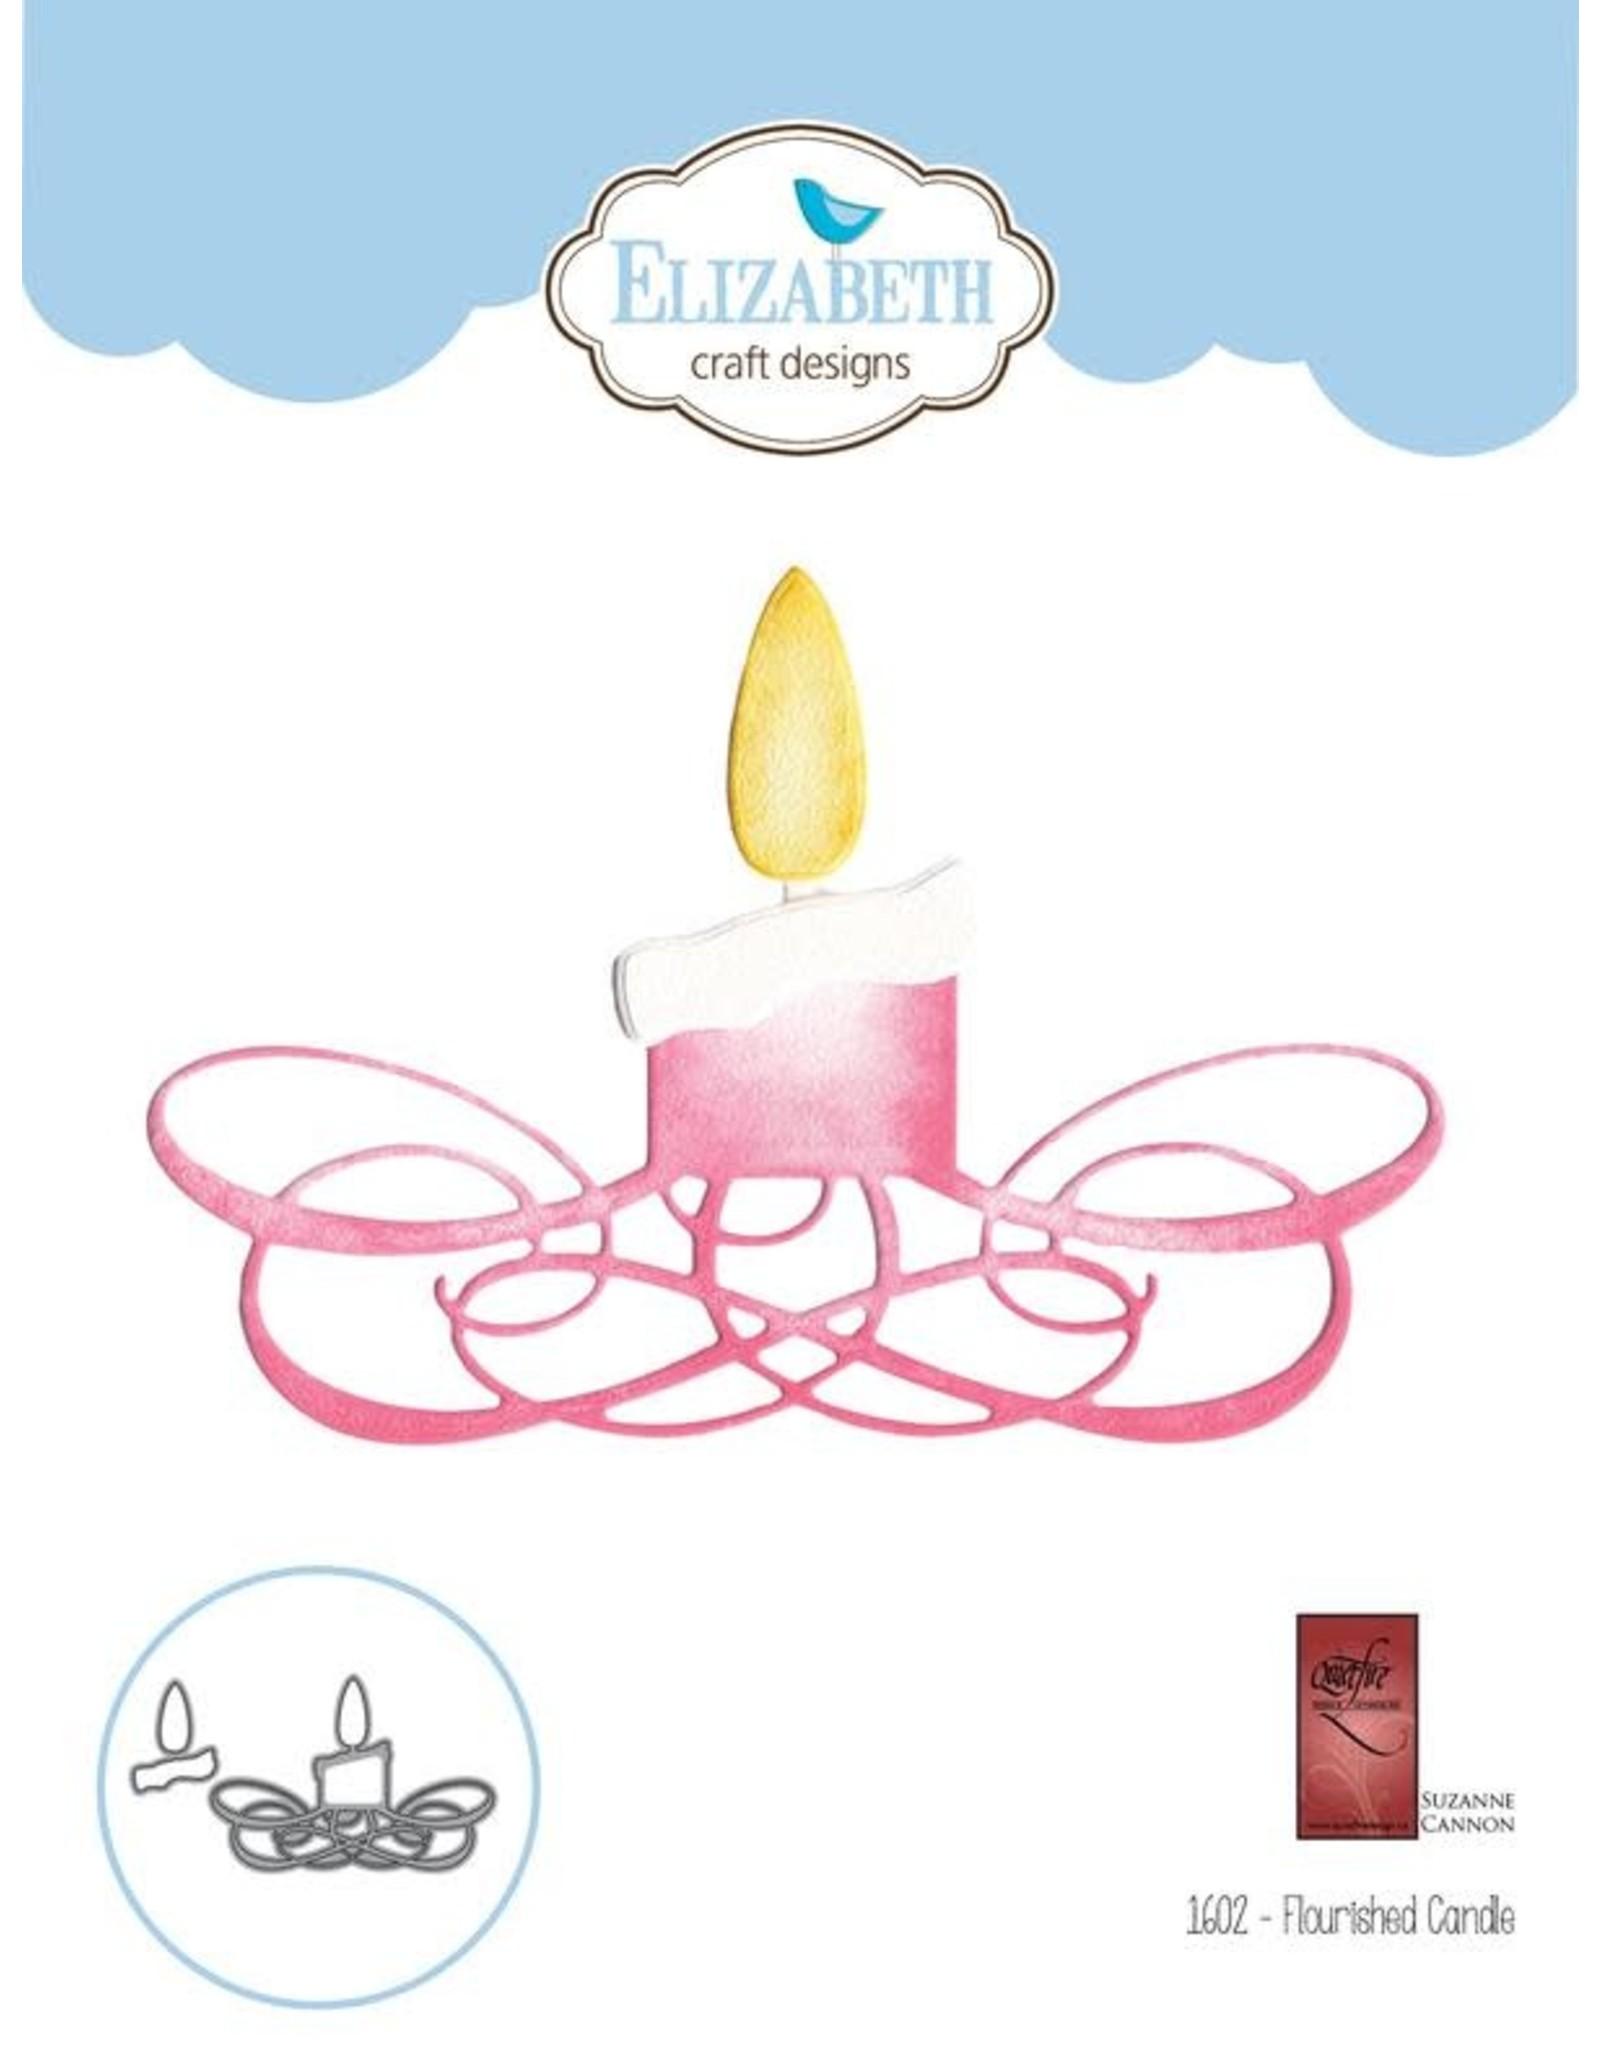 Elizabeth Craft Designs Flourished Candle - Die